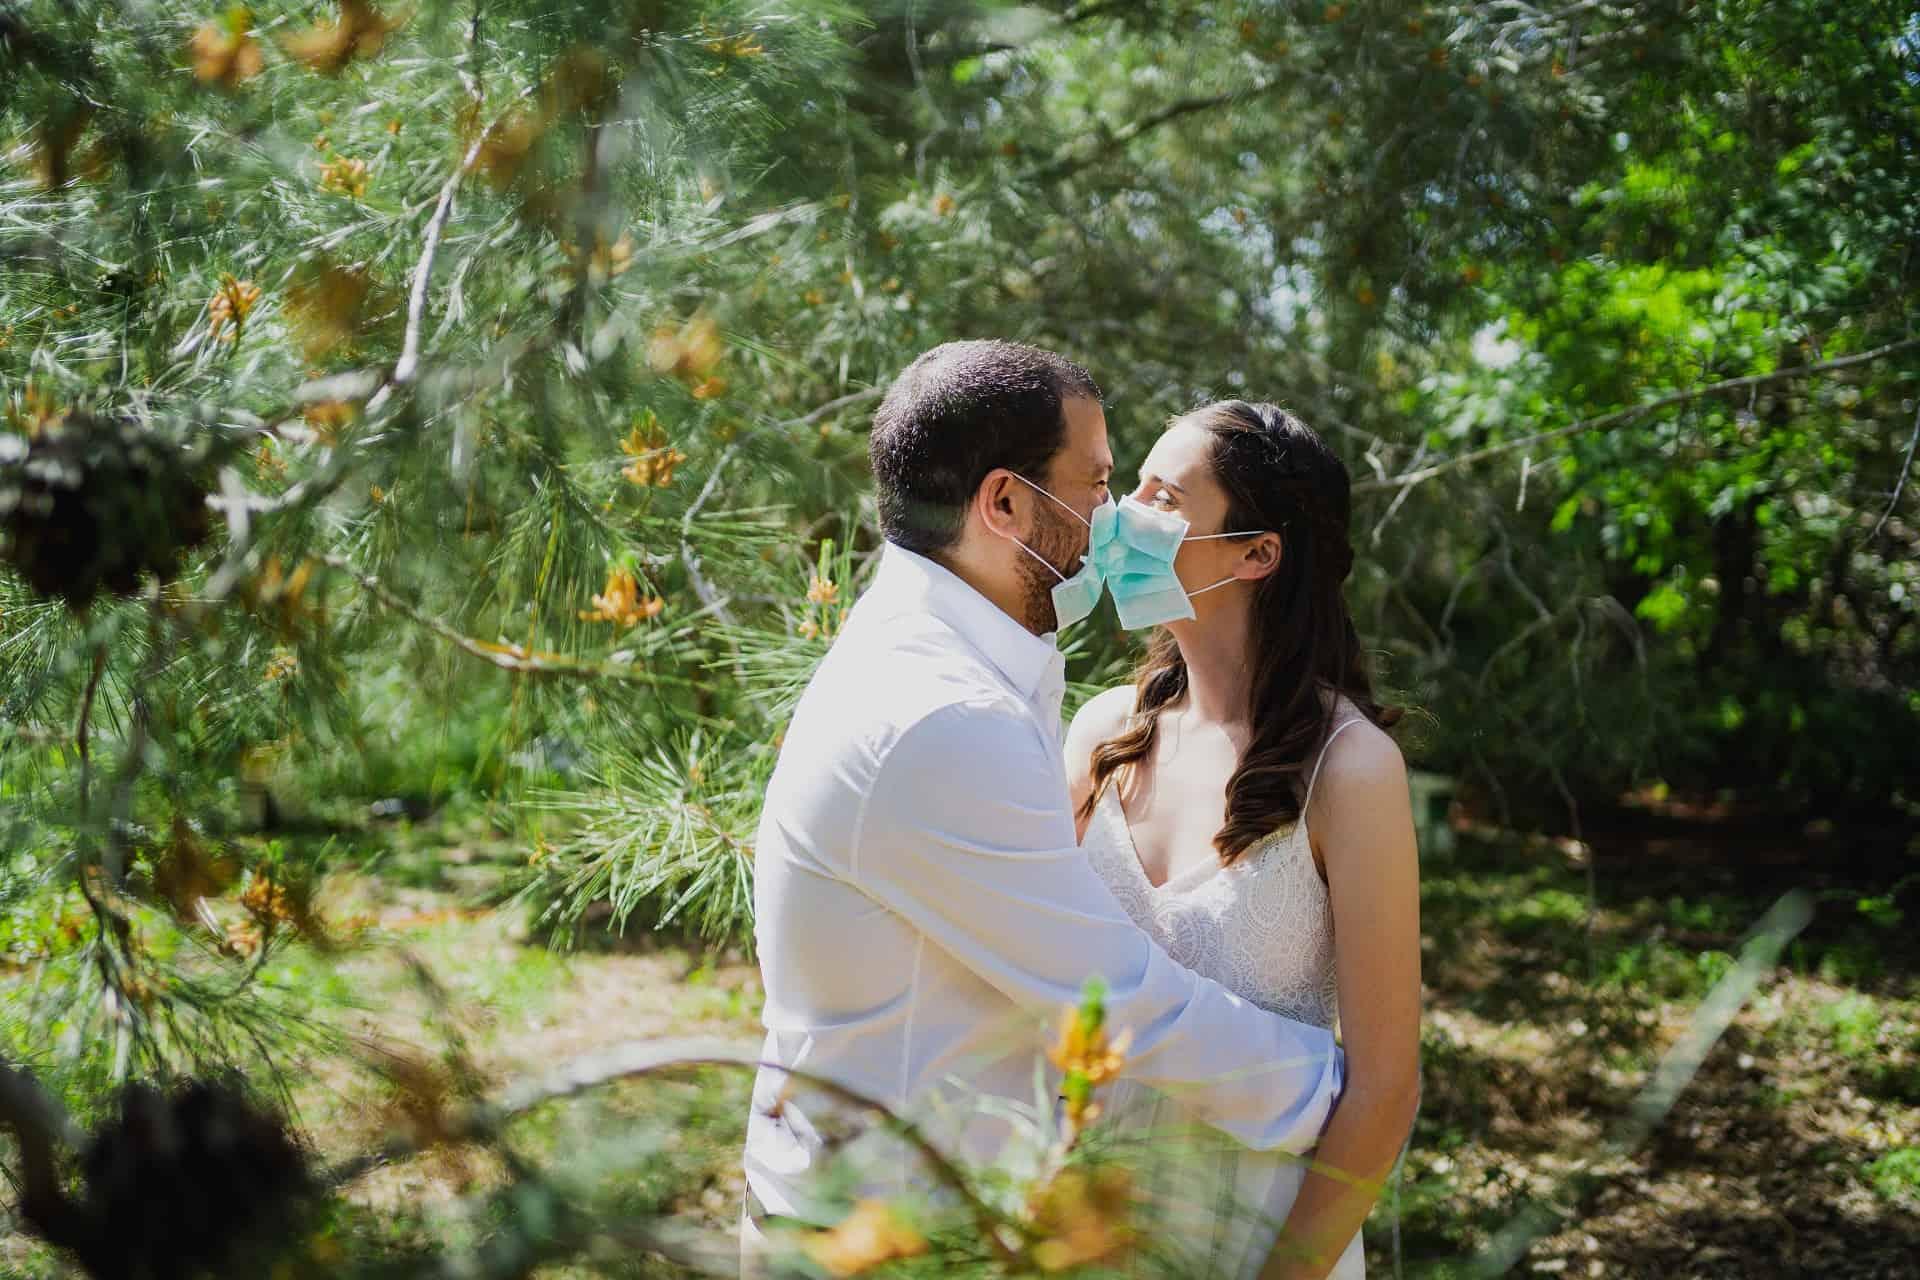 נשיקה חתן וכלה בקורונה